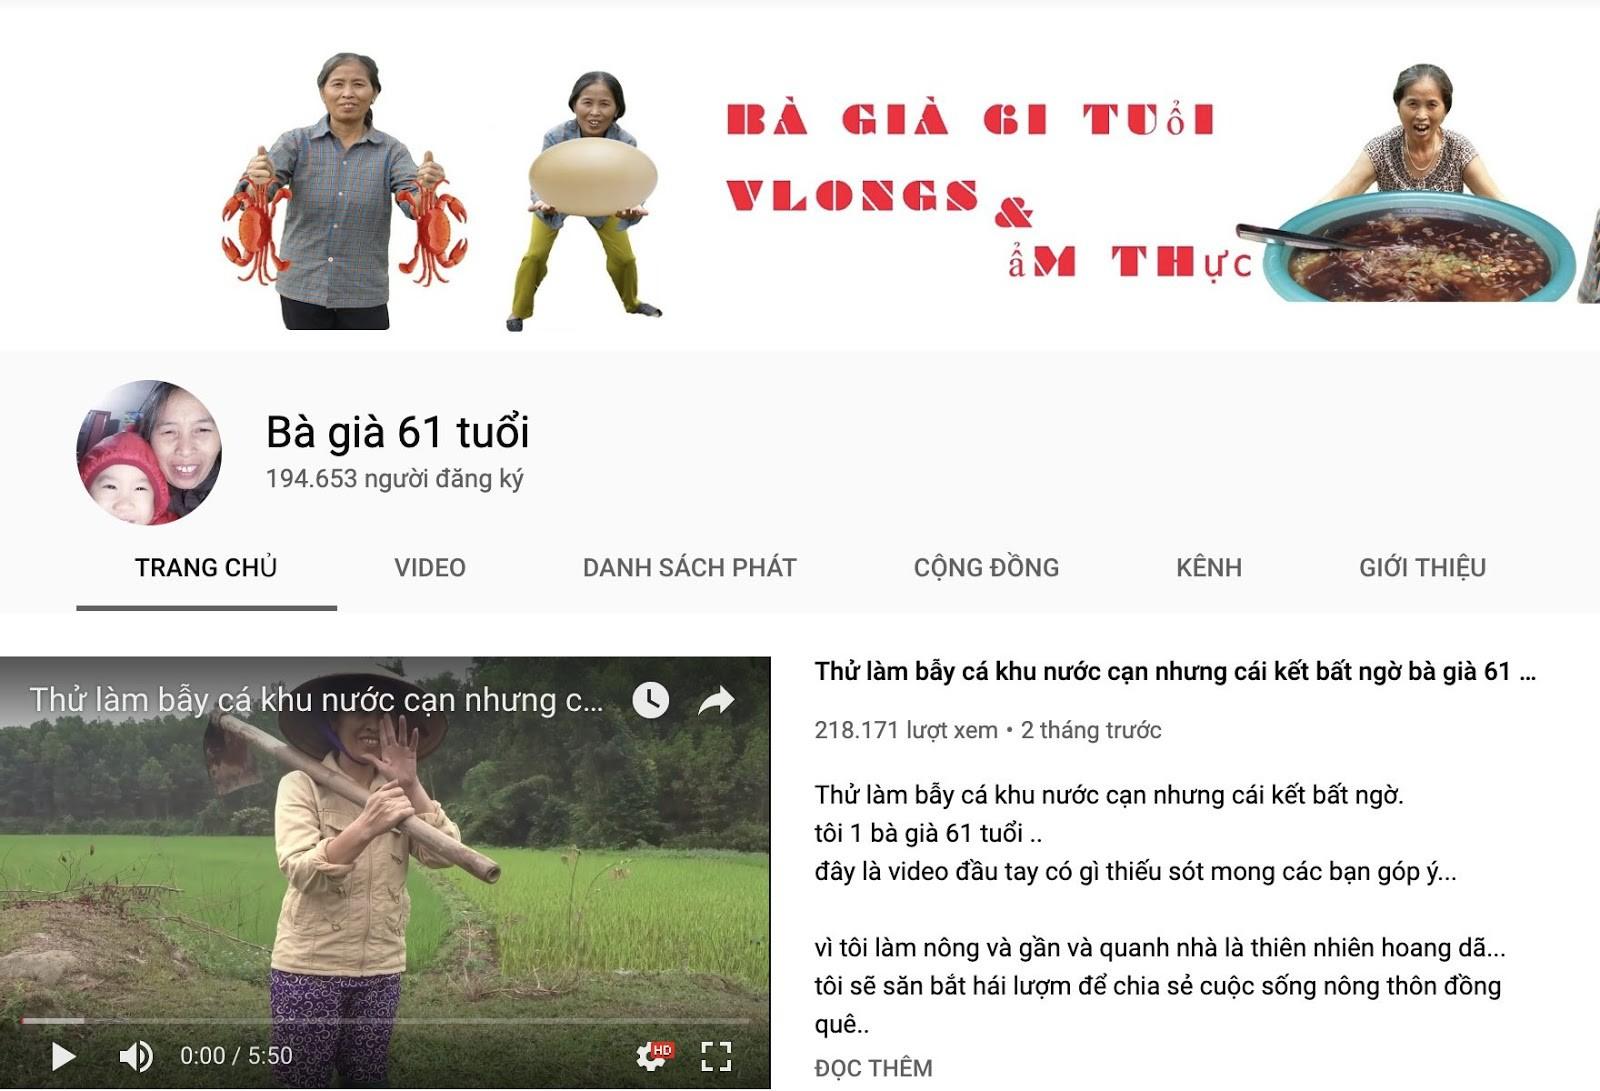 3 Vlogger ẩm thực có tuổi vẫn khiến giới trẻ chao đảo: Người tạo hiện tượng, người hút triệu view sau 2 tuần ra mắt - Ảnh 1.